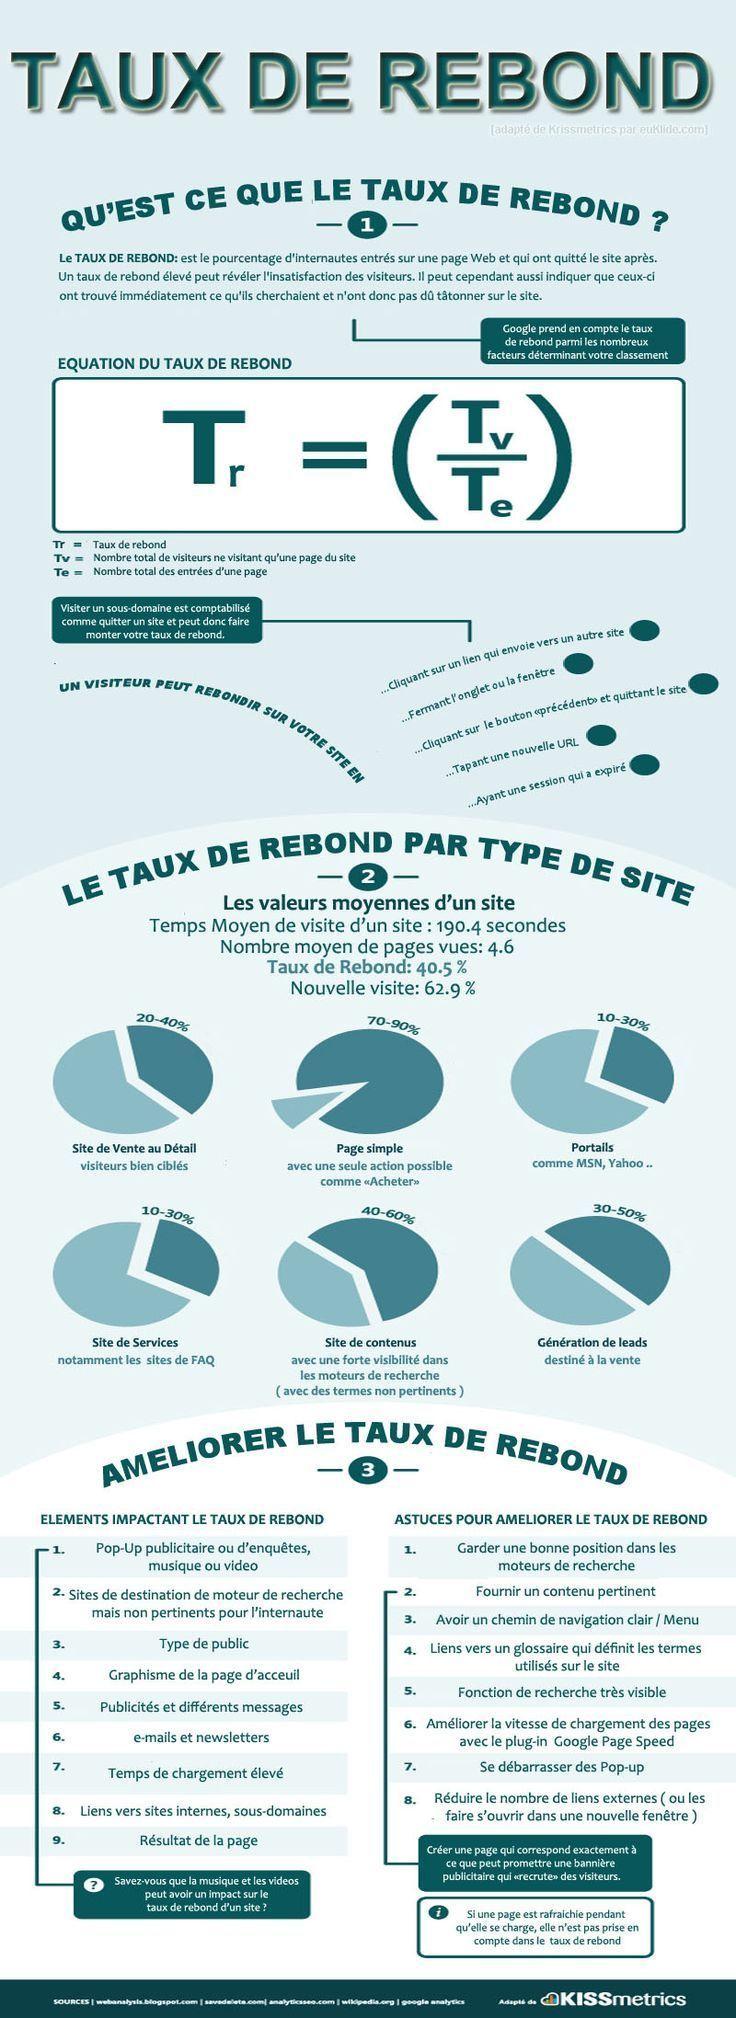 Advertising-Infographics-Comprendre-le-taux-de-rebond-en-une Advertising Infographics : Comprendre le taux de rebond en une infographie (en français)